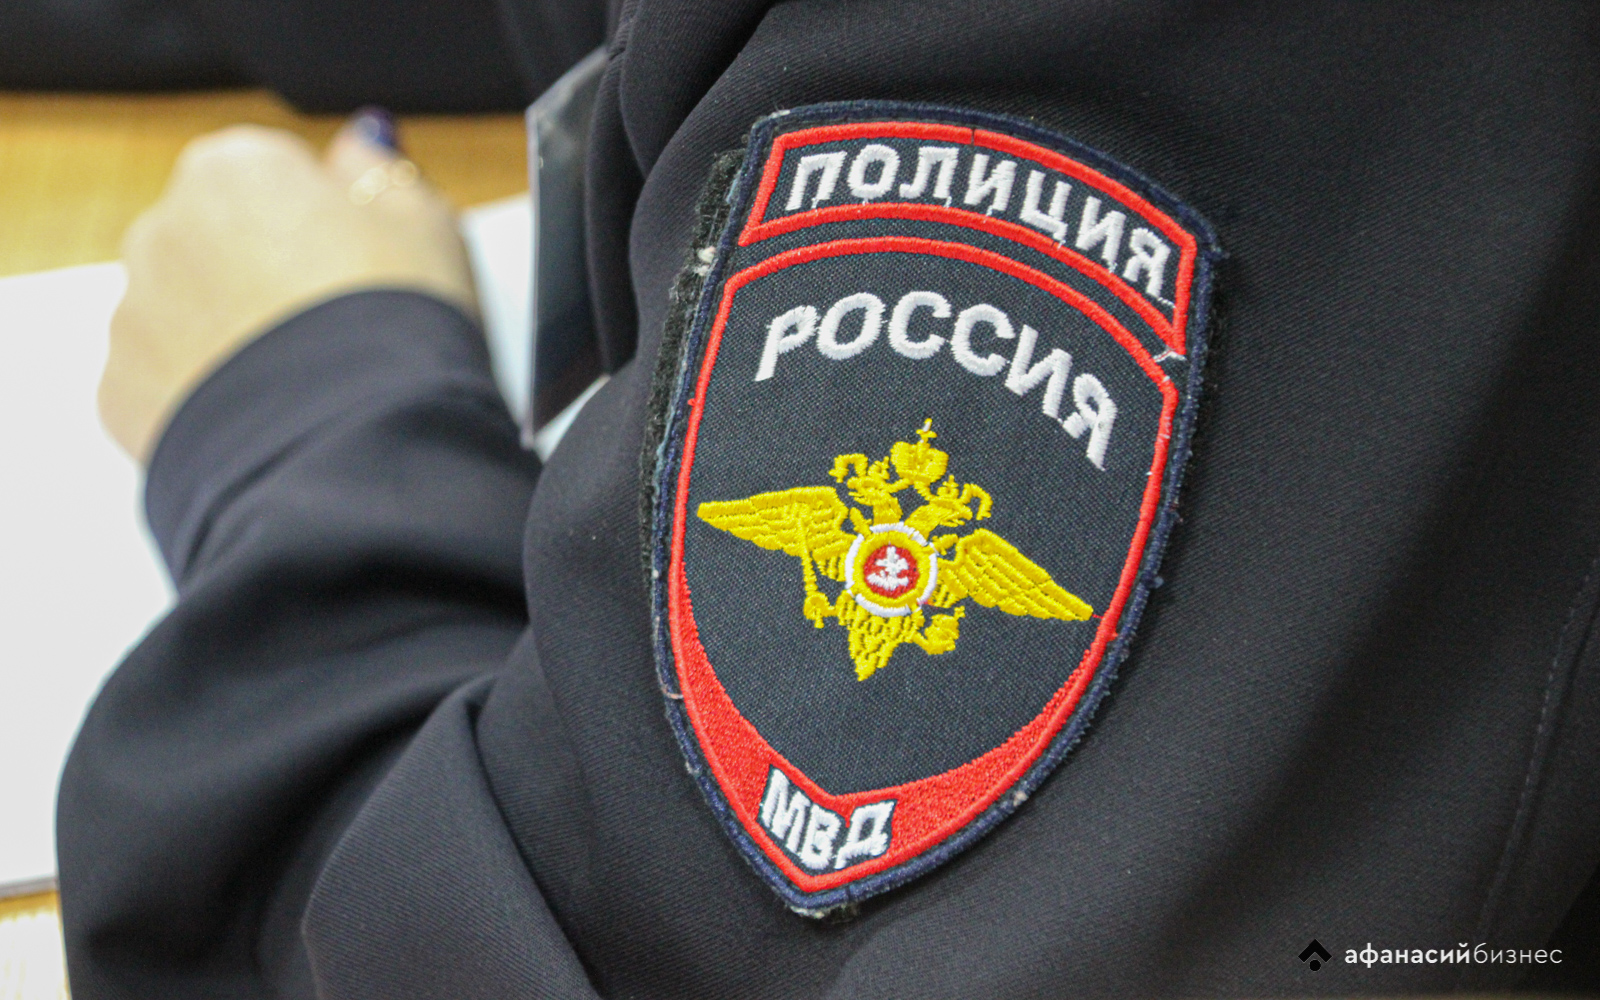 Представившись полицейским, мошенник выманил у женщины из Тверской области более 1,5 миллиона рублей - новости Афанасий